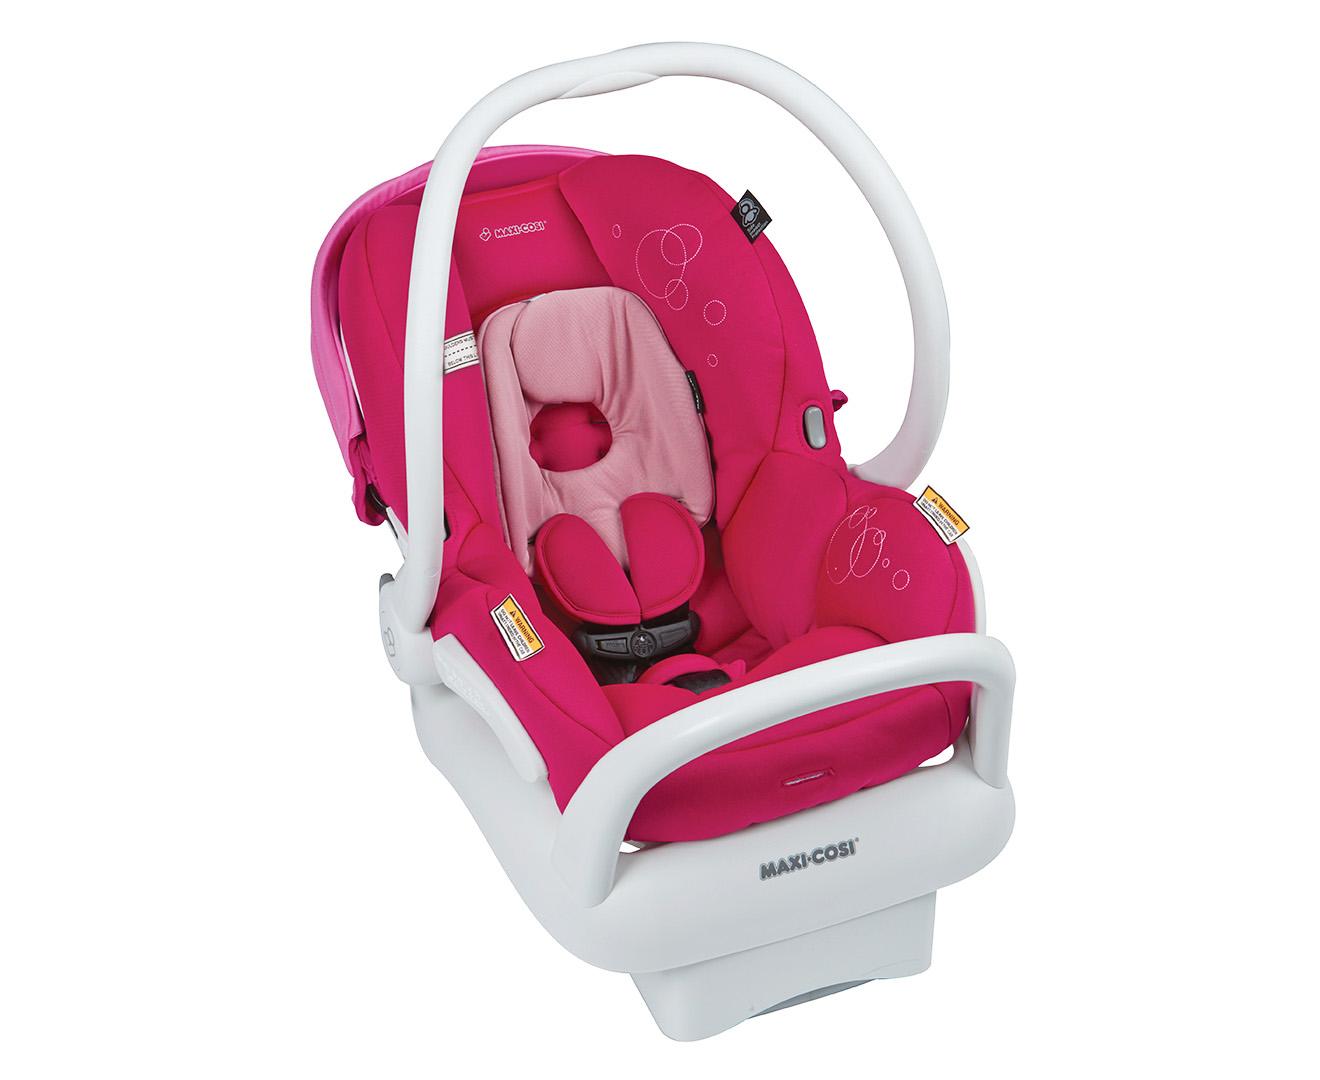 Maxi Cosi Mico AP Infant Car Seat Capsule